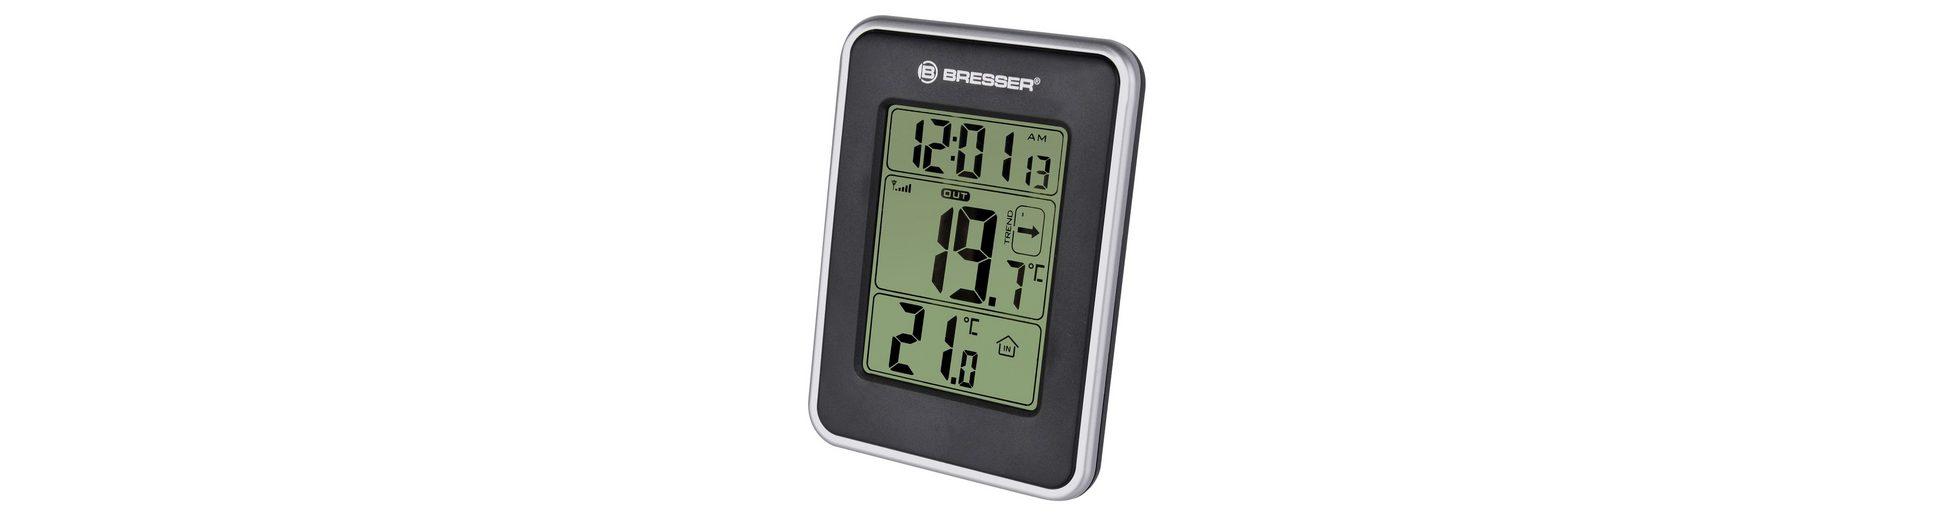 Bresser Wetterstation »BRESSER Temeo io Temperaturstation«